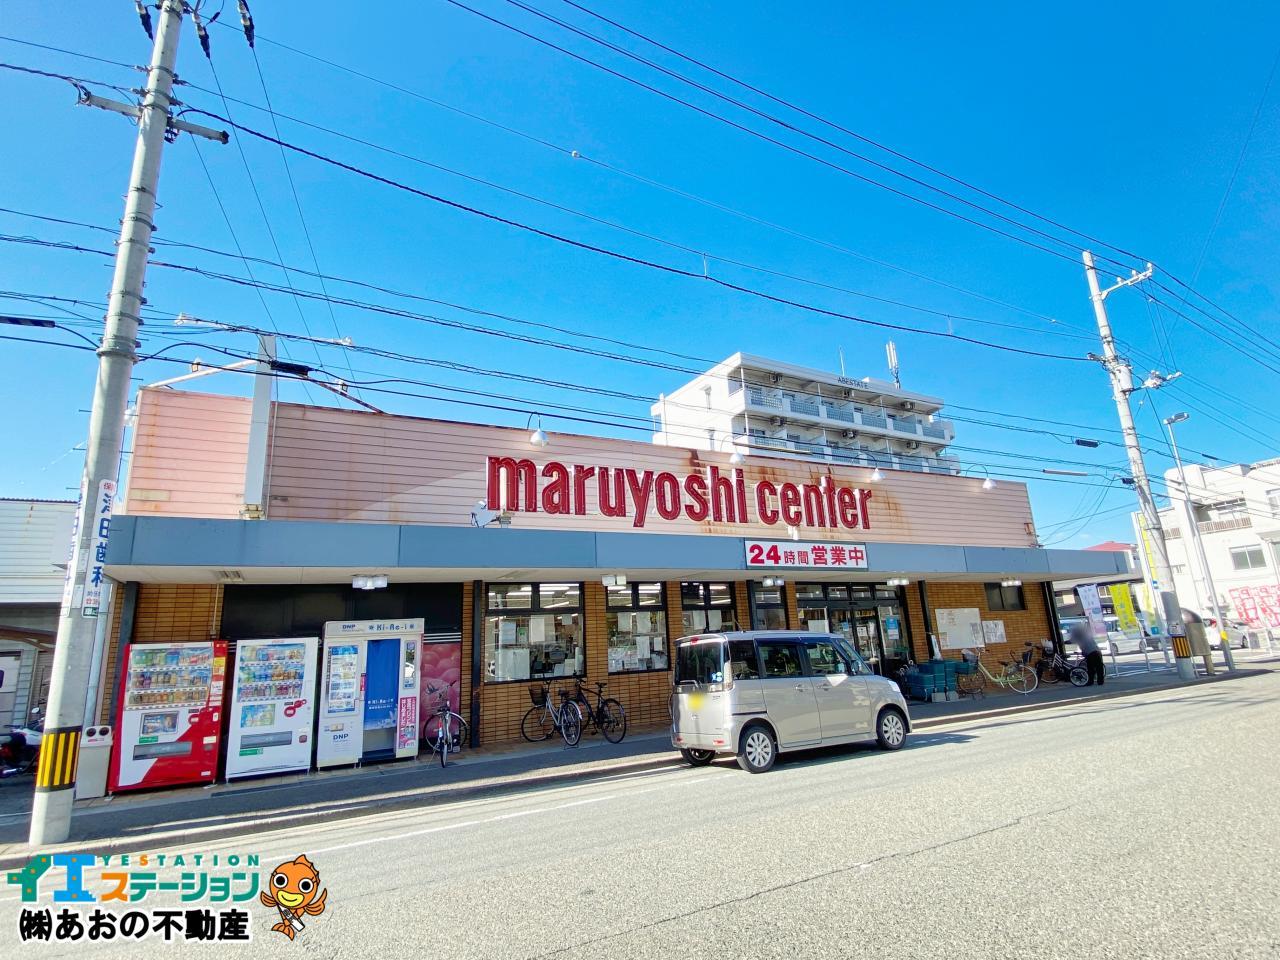 マルヨシセンター 渭北店